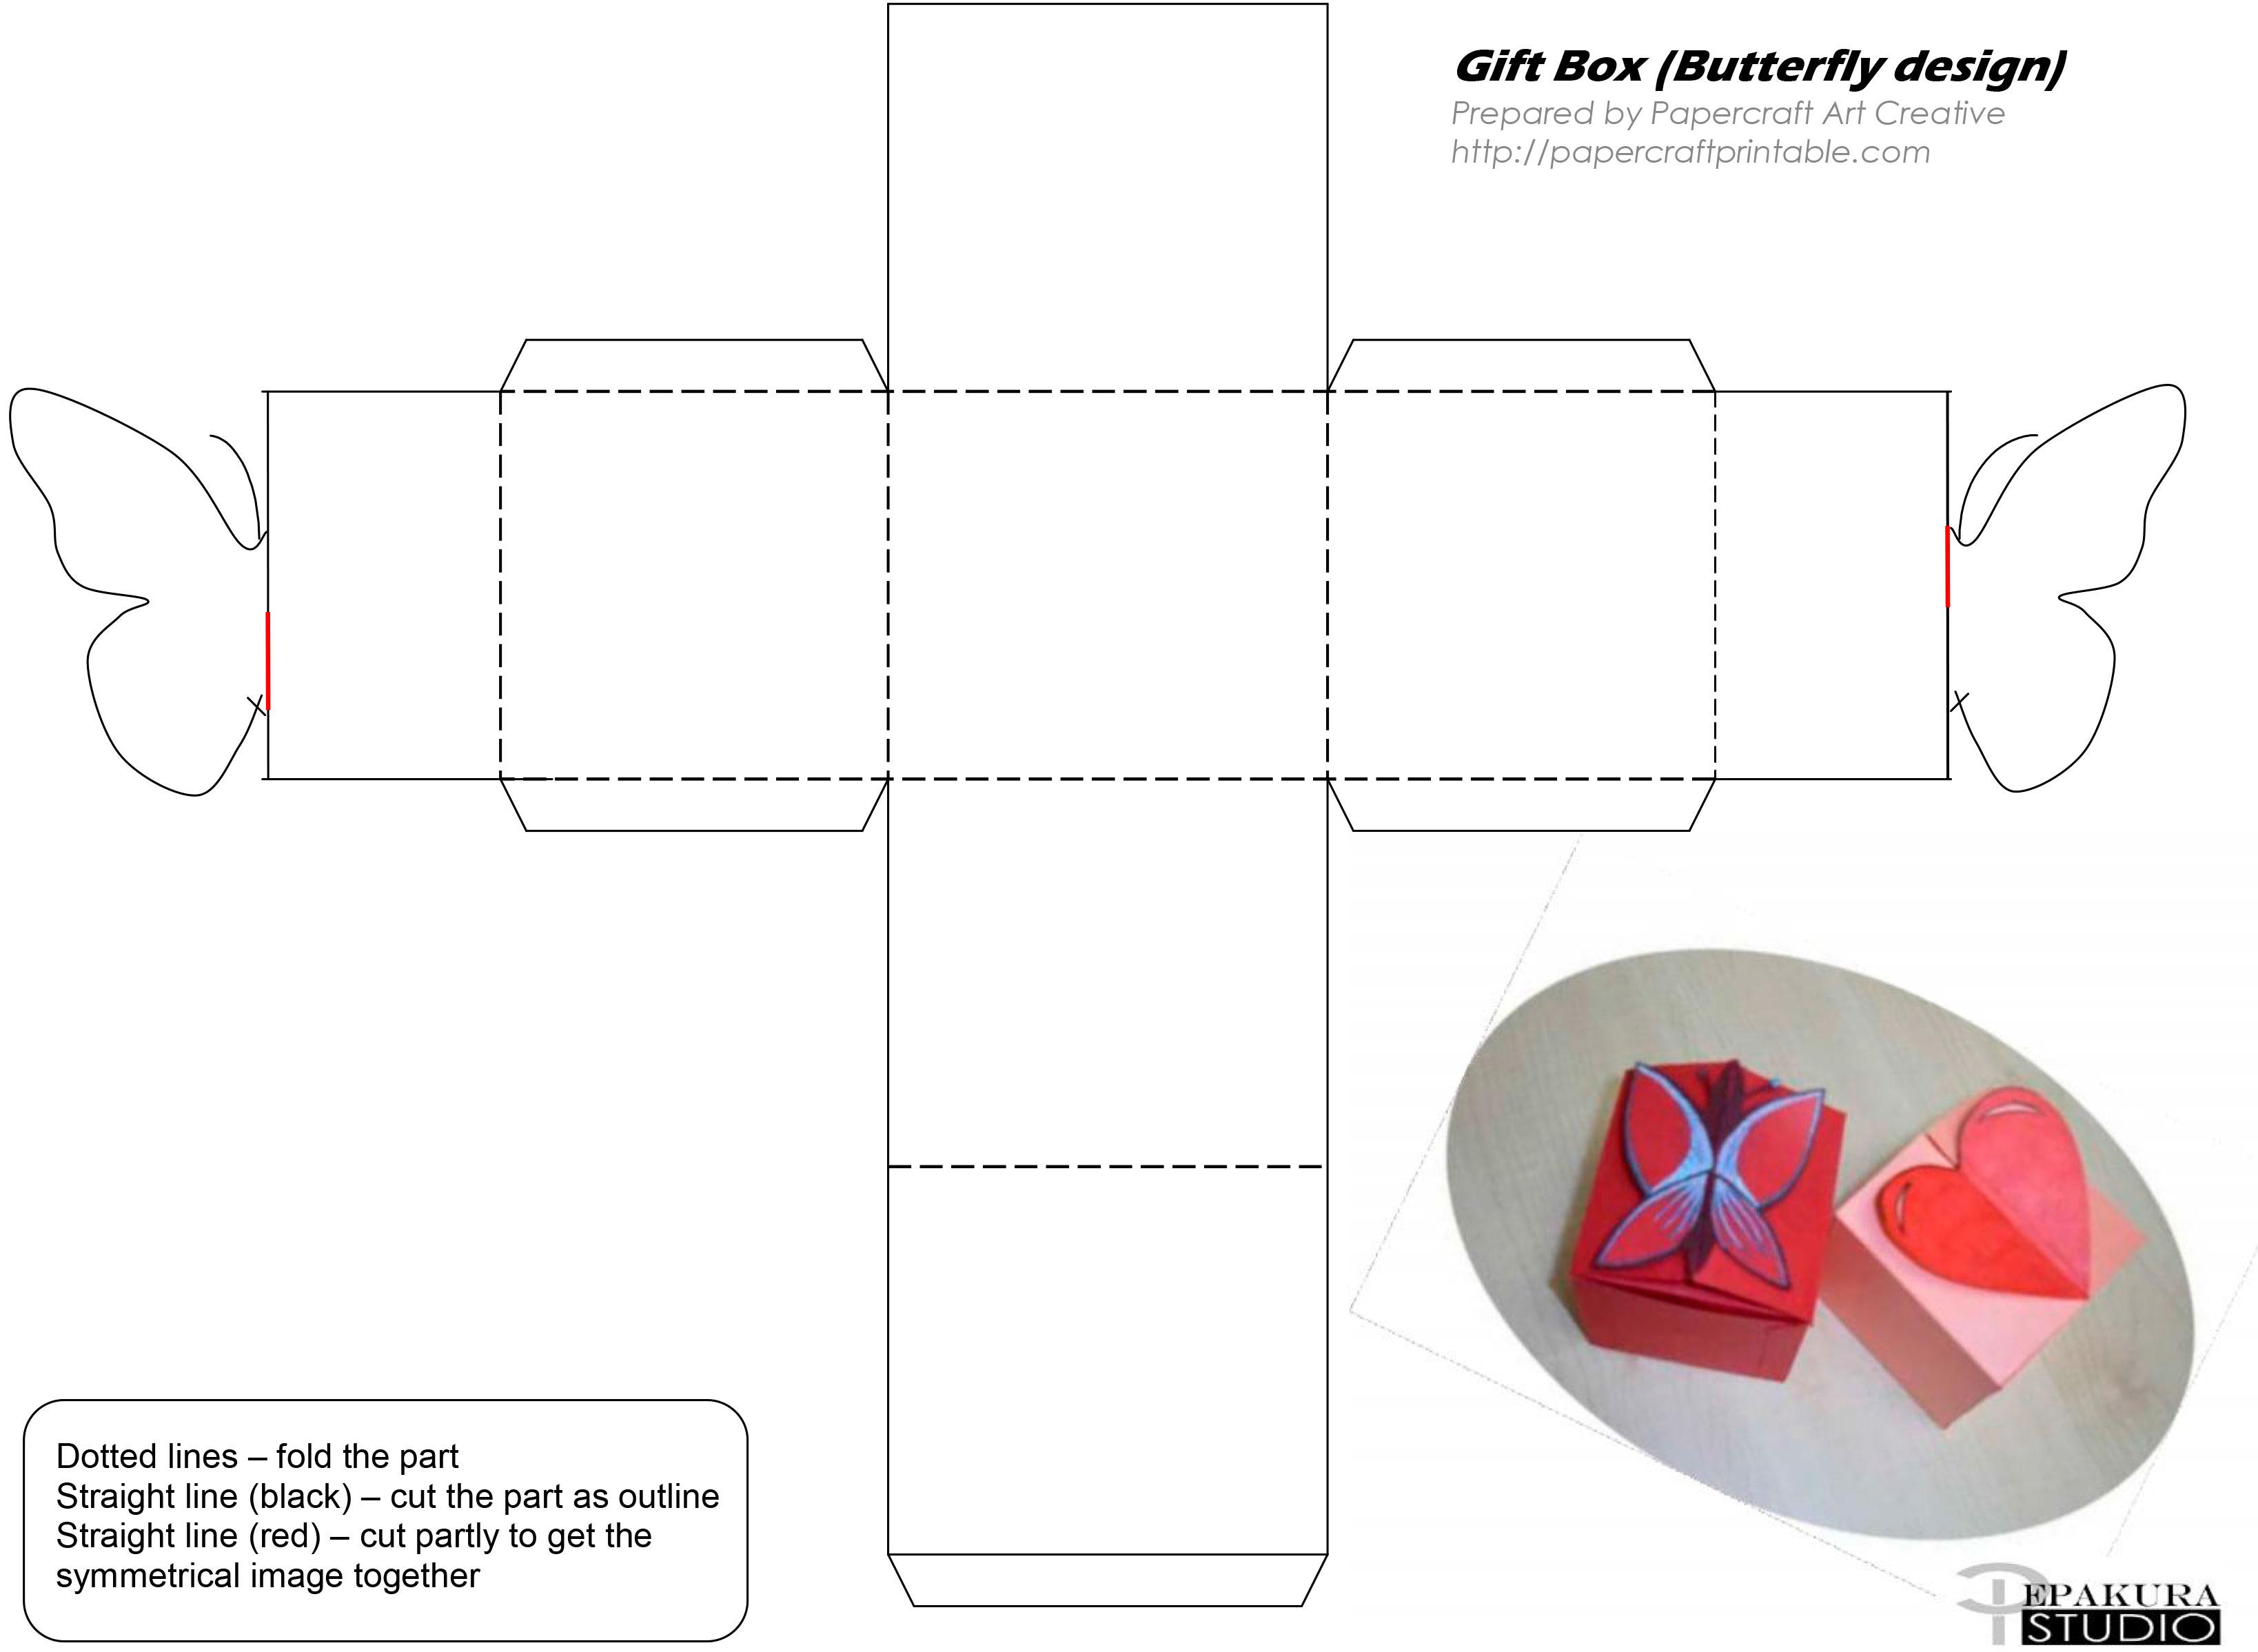 Коробочка для подарков своими руками из бумаги или картона: шаблоны и схемы 71